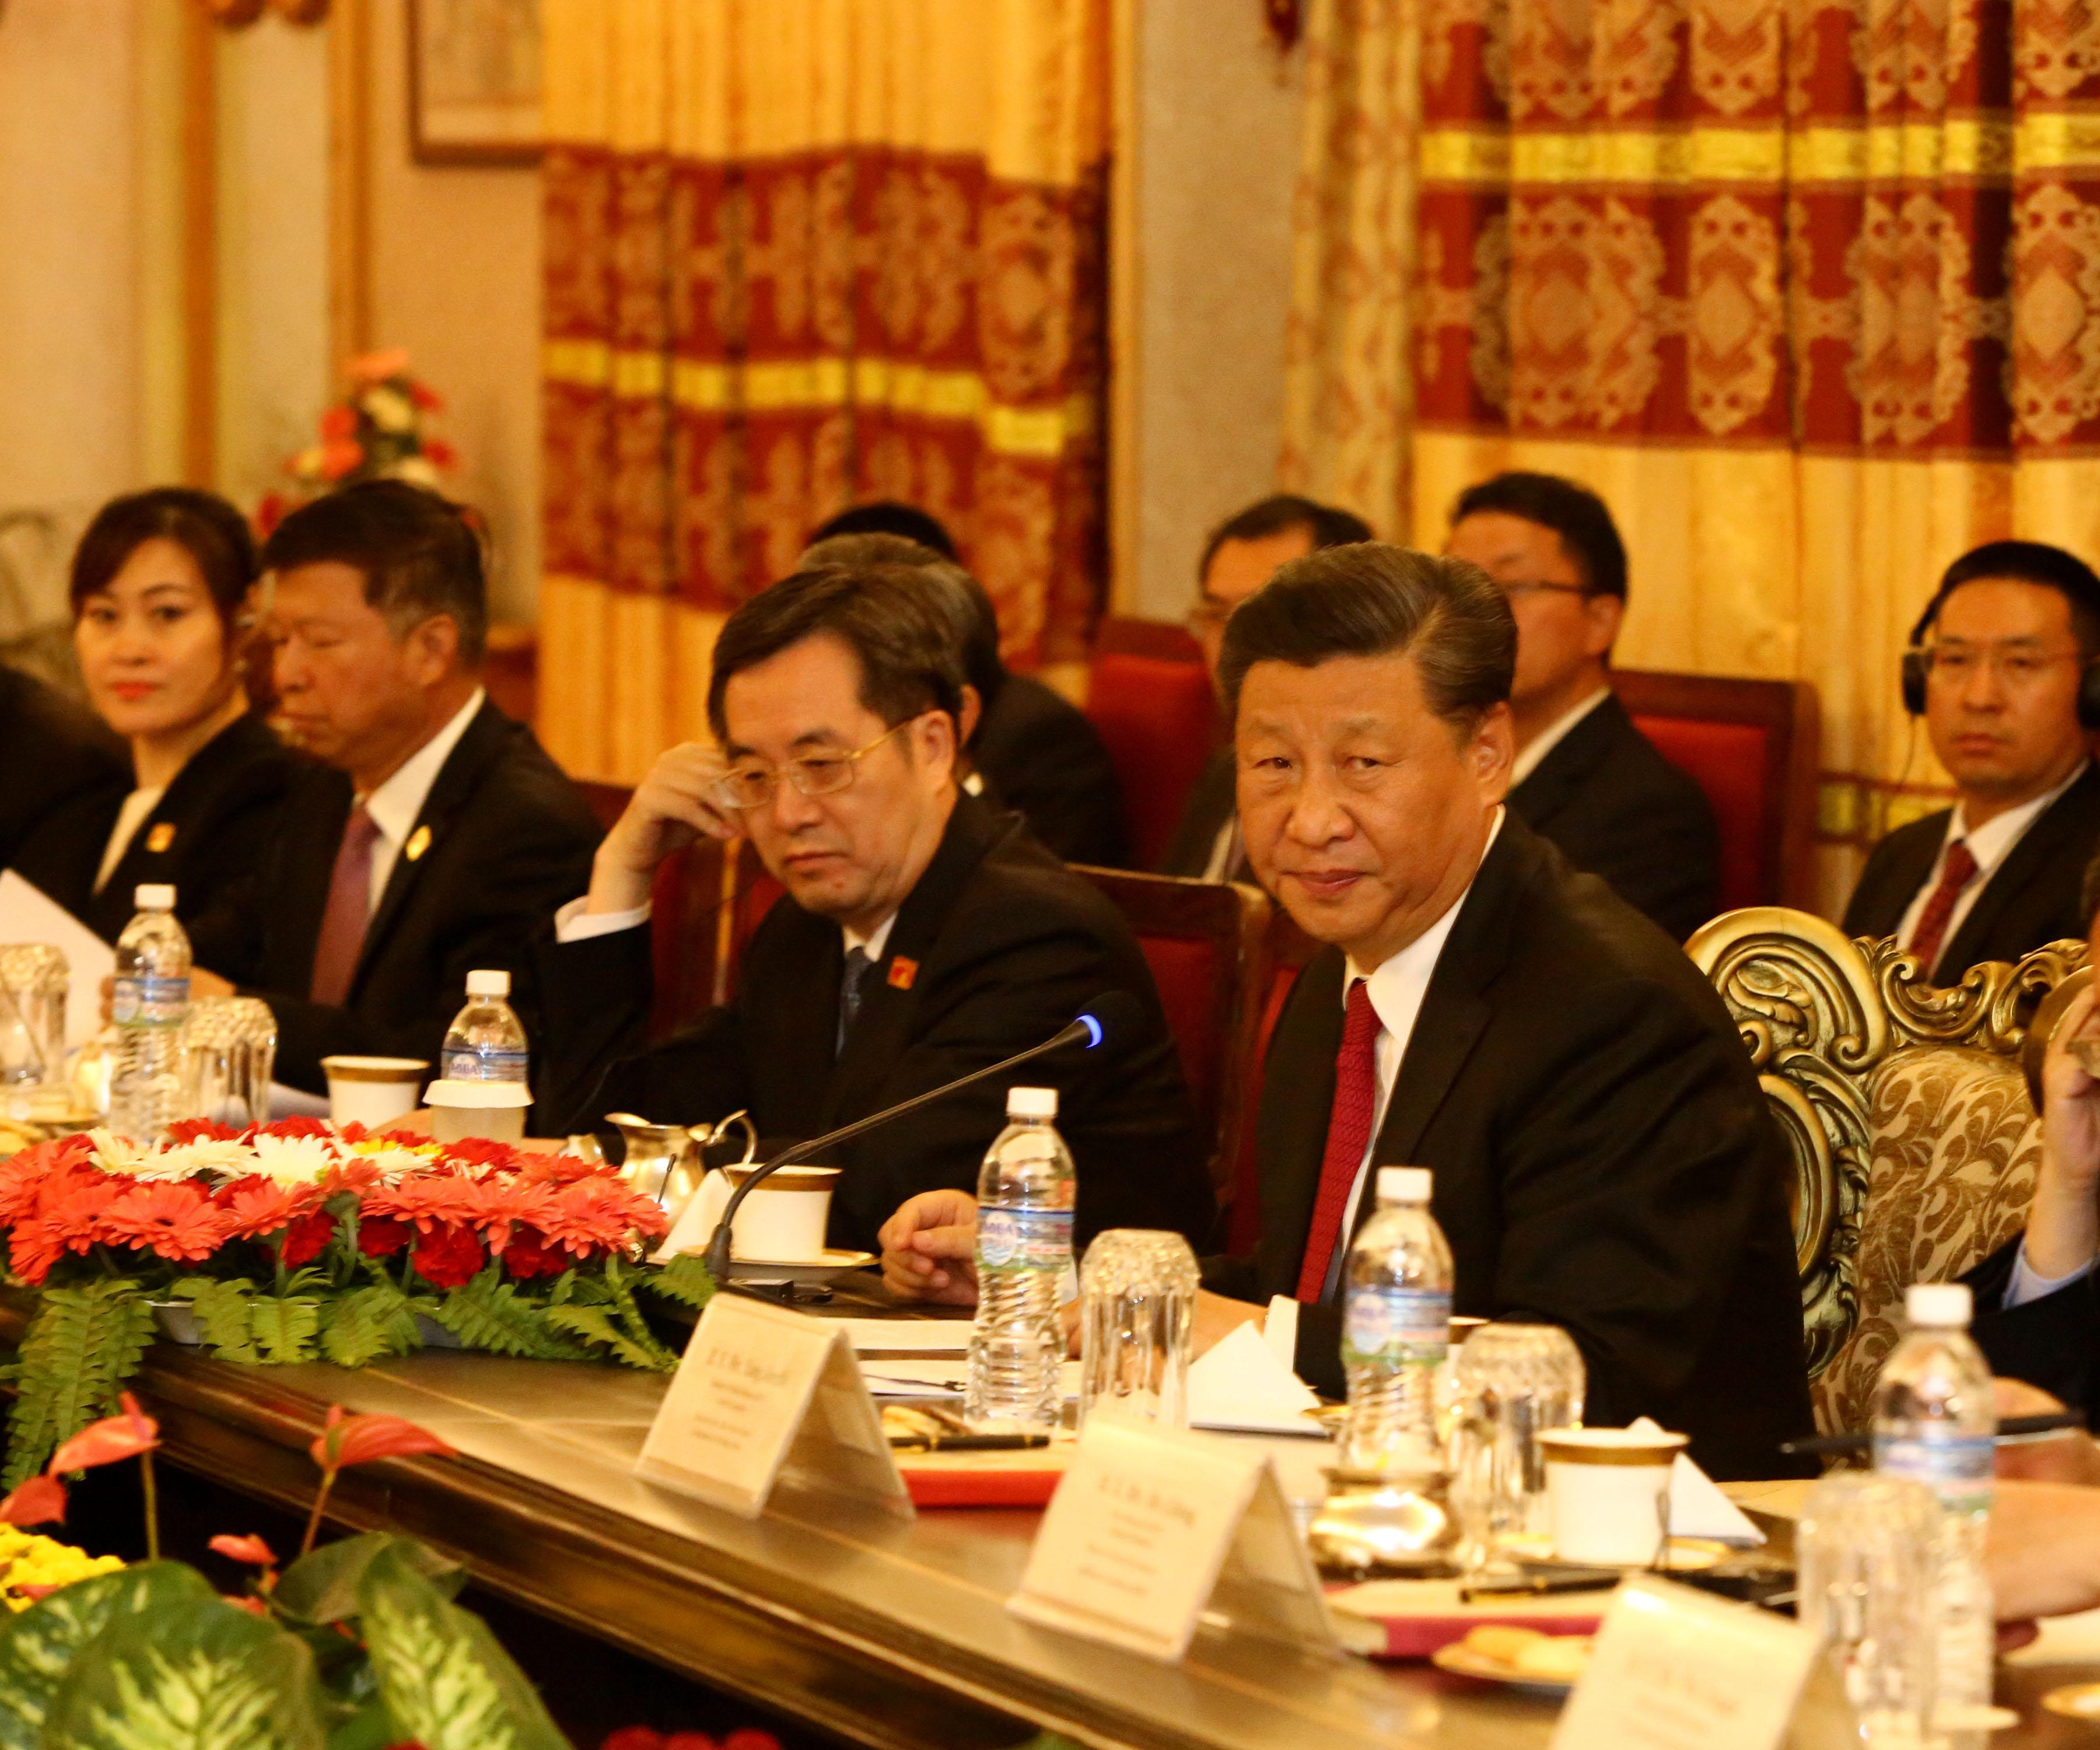 दुई खर्ब बढी लागतमा २ आयोजना नेपाल र चीनका सरकारी कम्पनीले निर्माण गर्ने